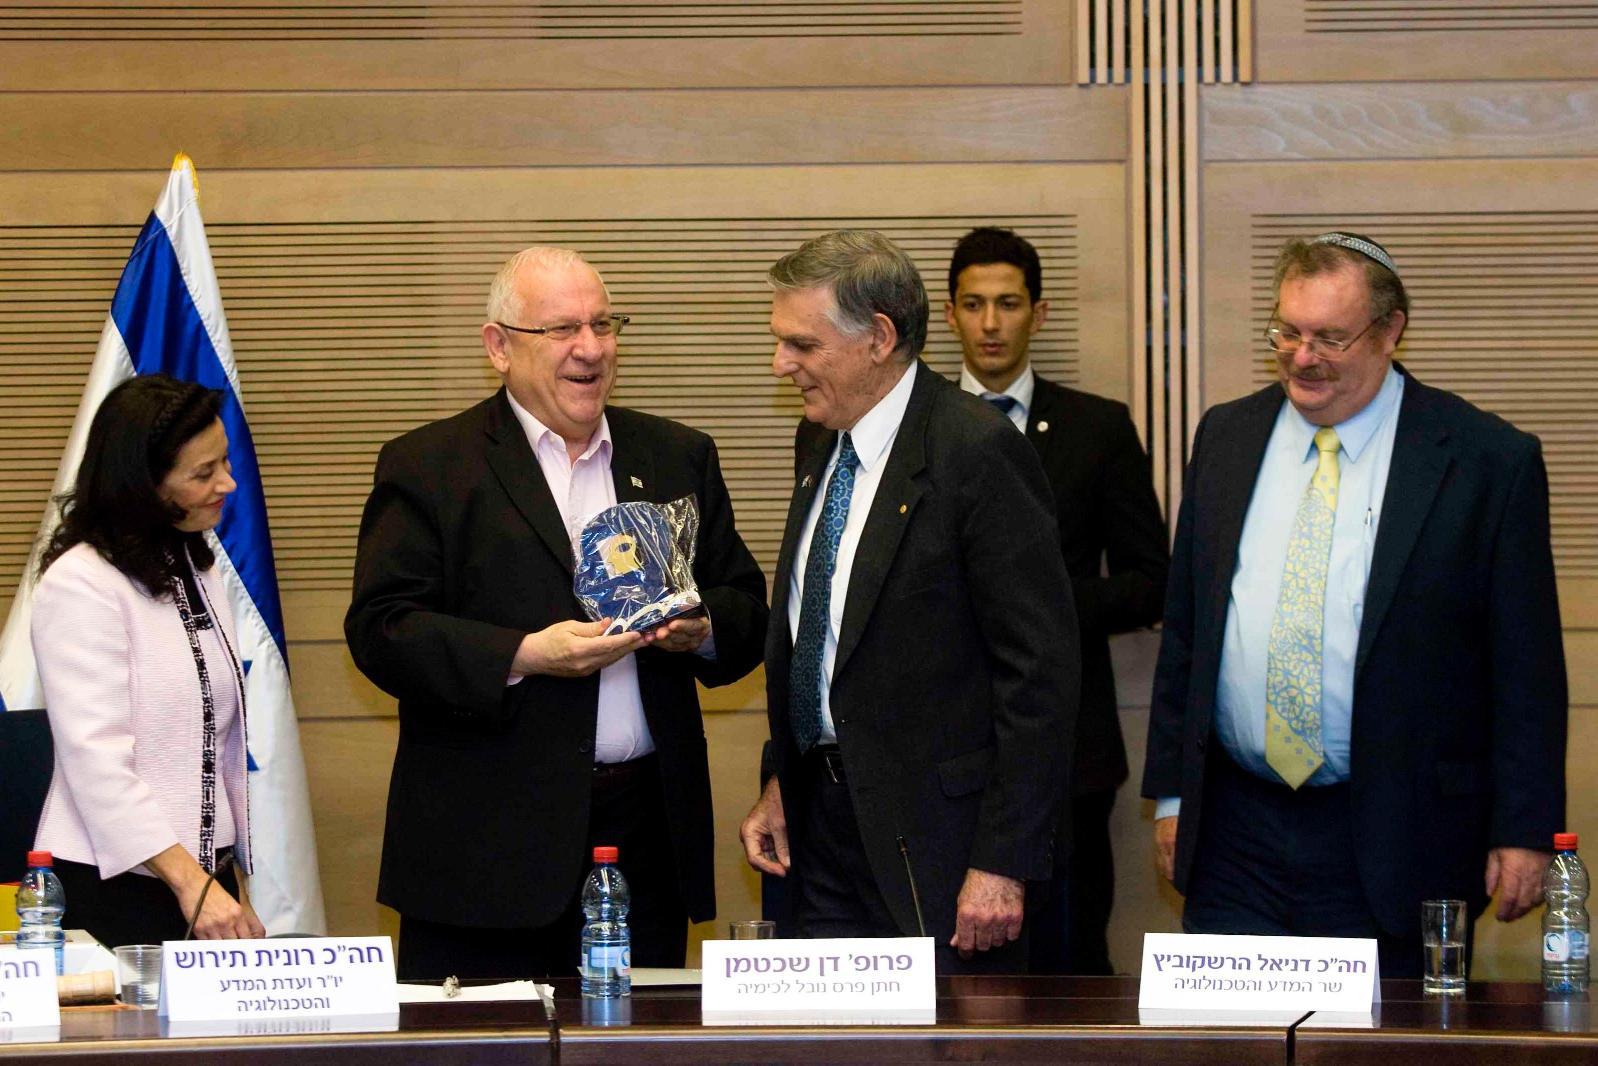 פרופ' דן שכטמן הציב מראה מול פני חברי ועדות המדע והחינוך